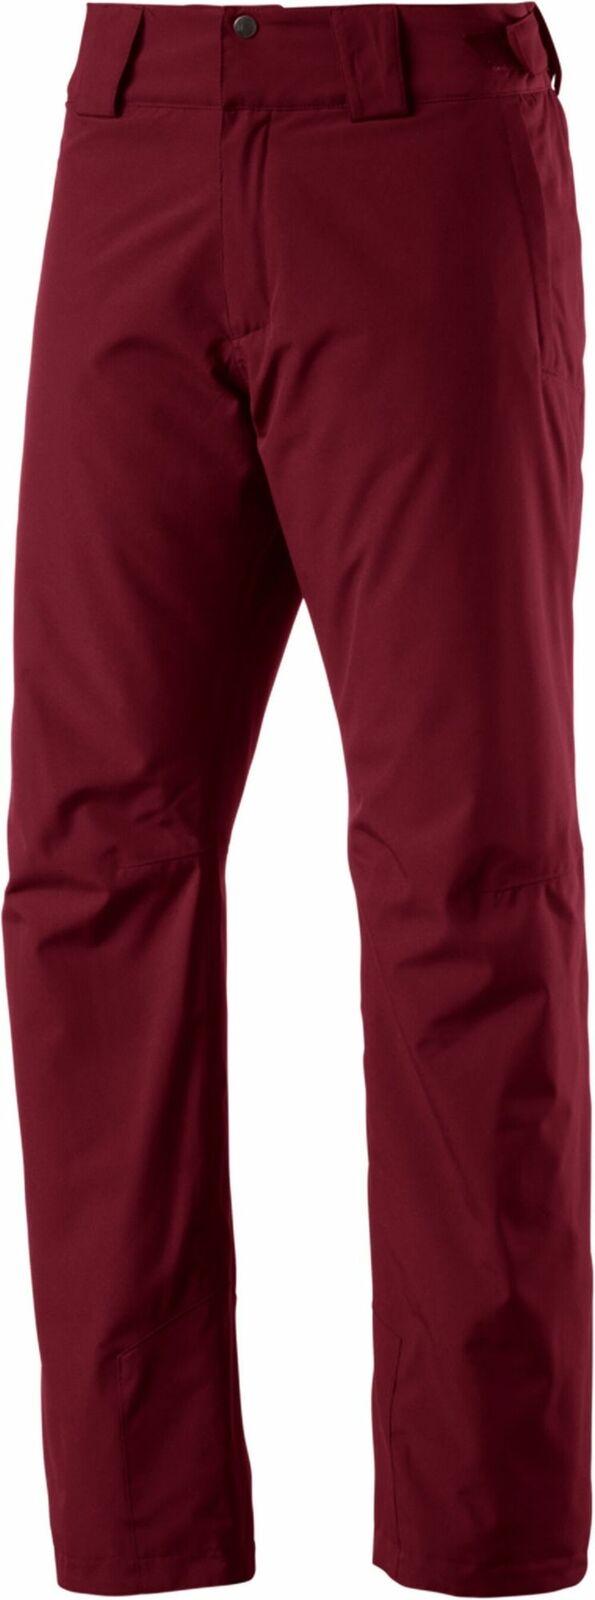 Salomon Strike Pantalones M HOMBRES Esquí Al Aire Libre Invierno